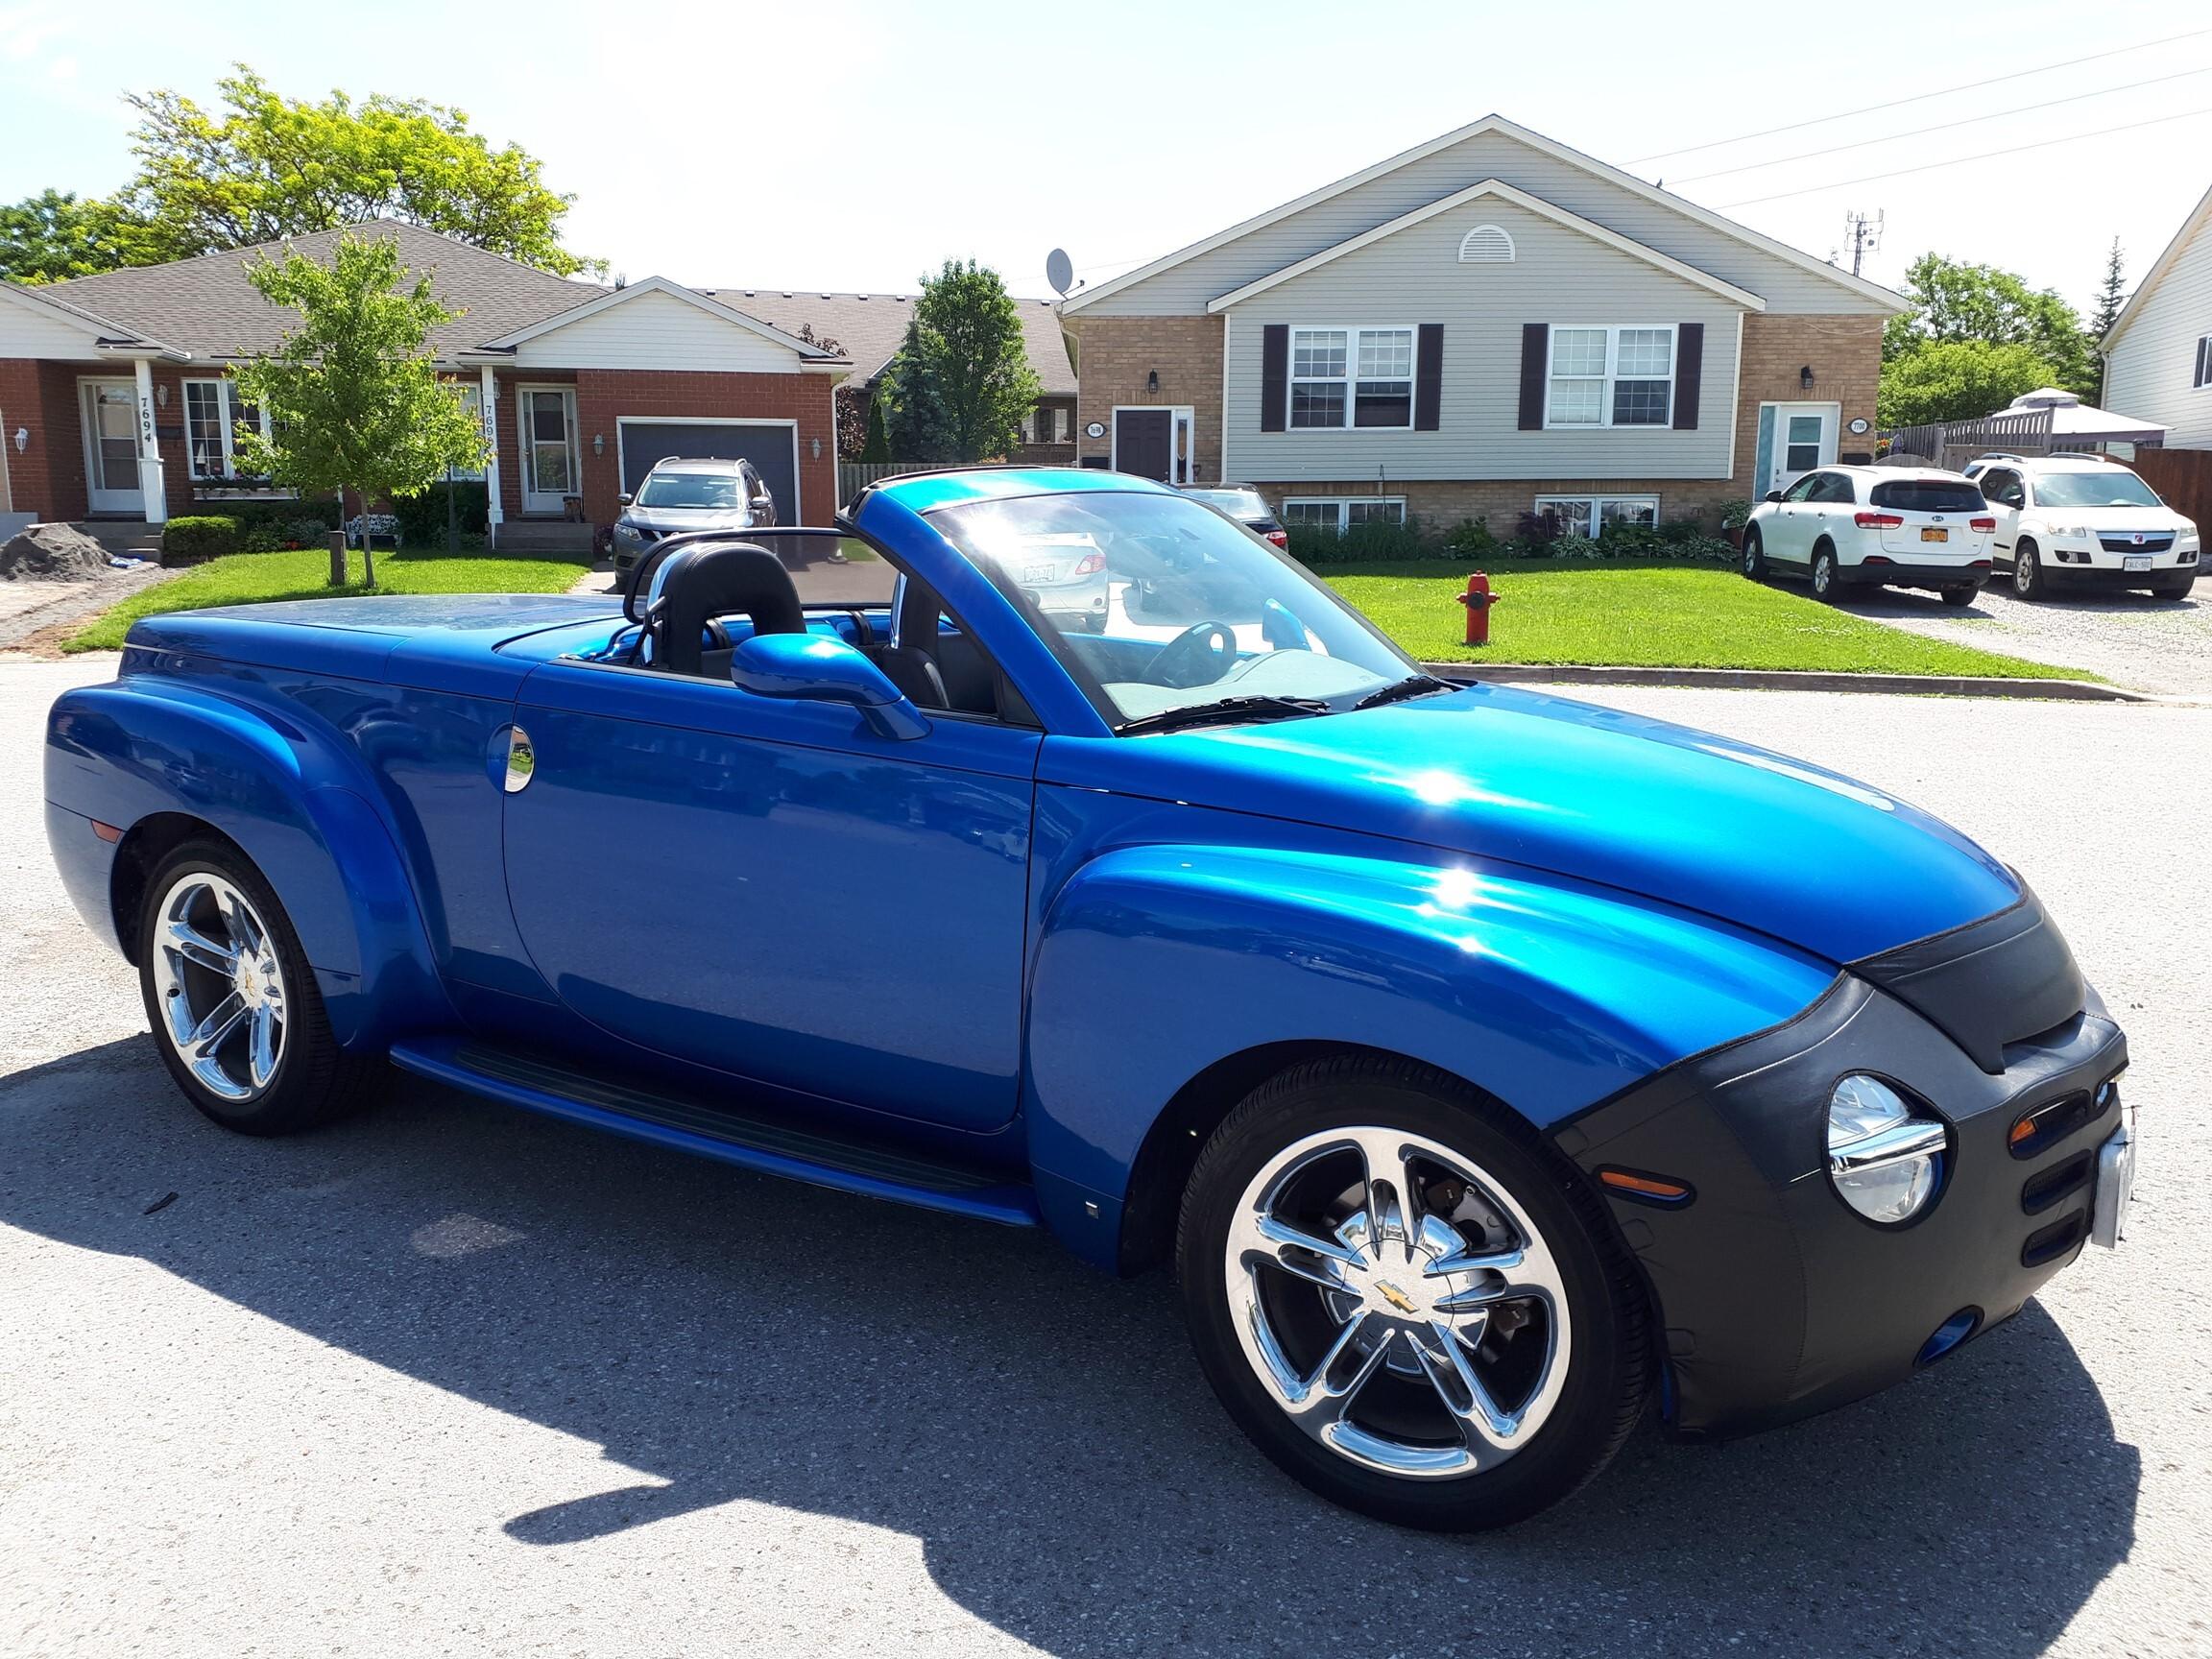 2006 Pacific Blue For Sale (Niagara Falls, Ontario ...